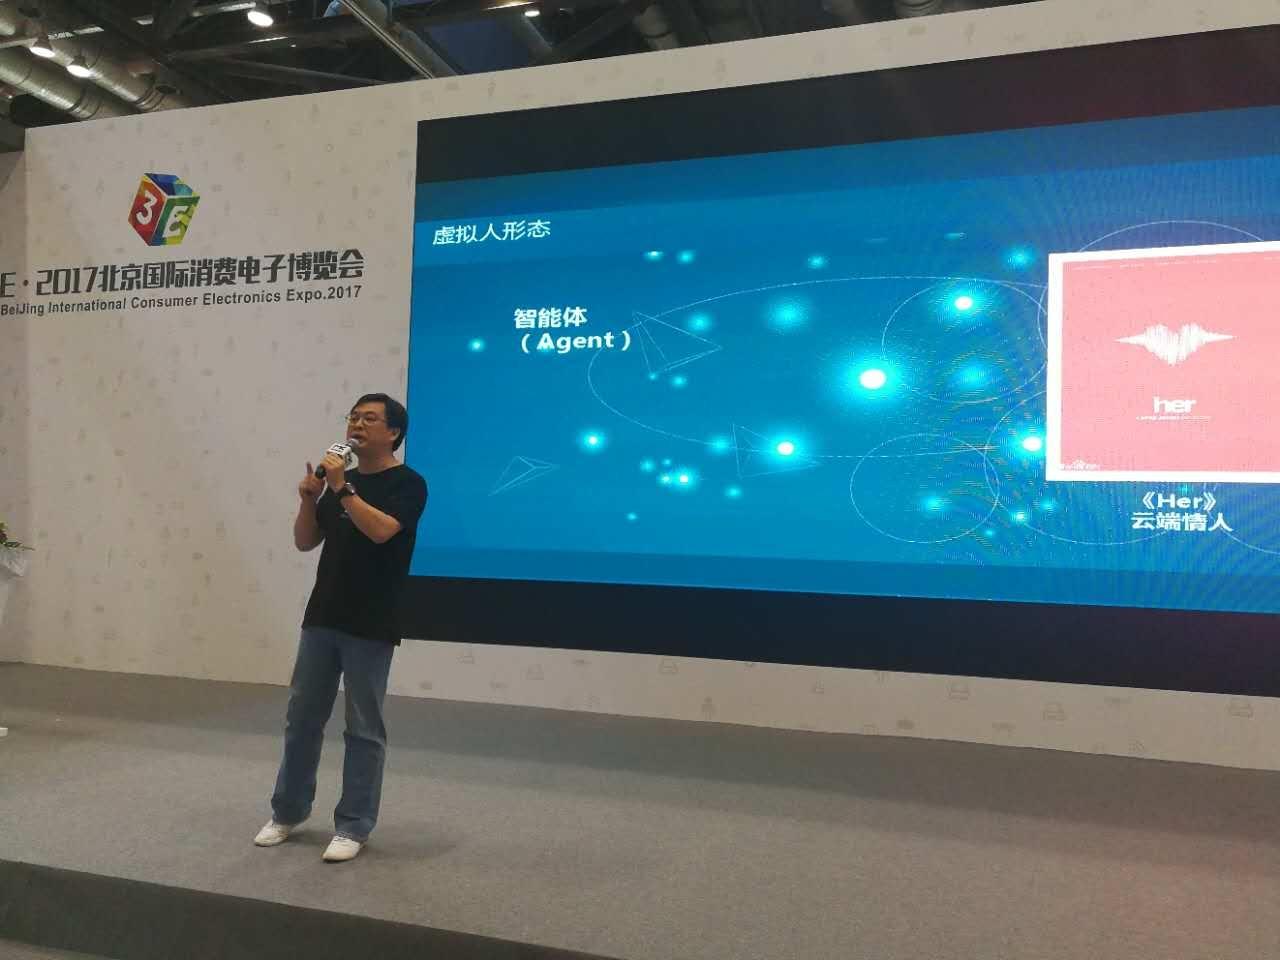 硬纪元AI峰会实录|暴风集团副总裁王刚:让虚拟人代替你去做很多事